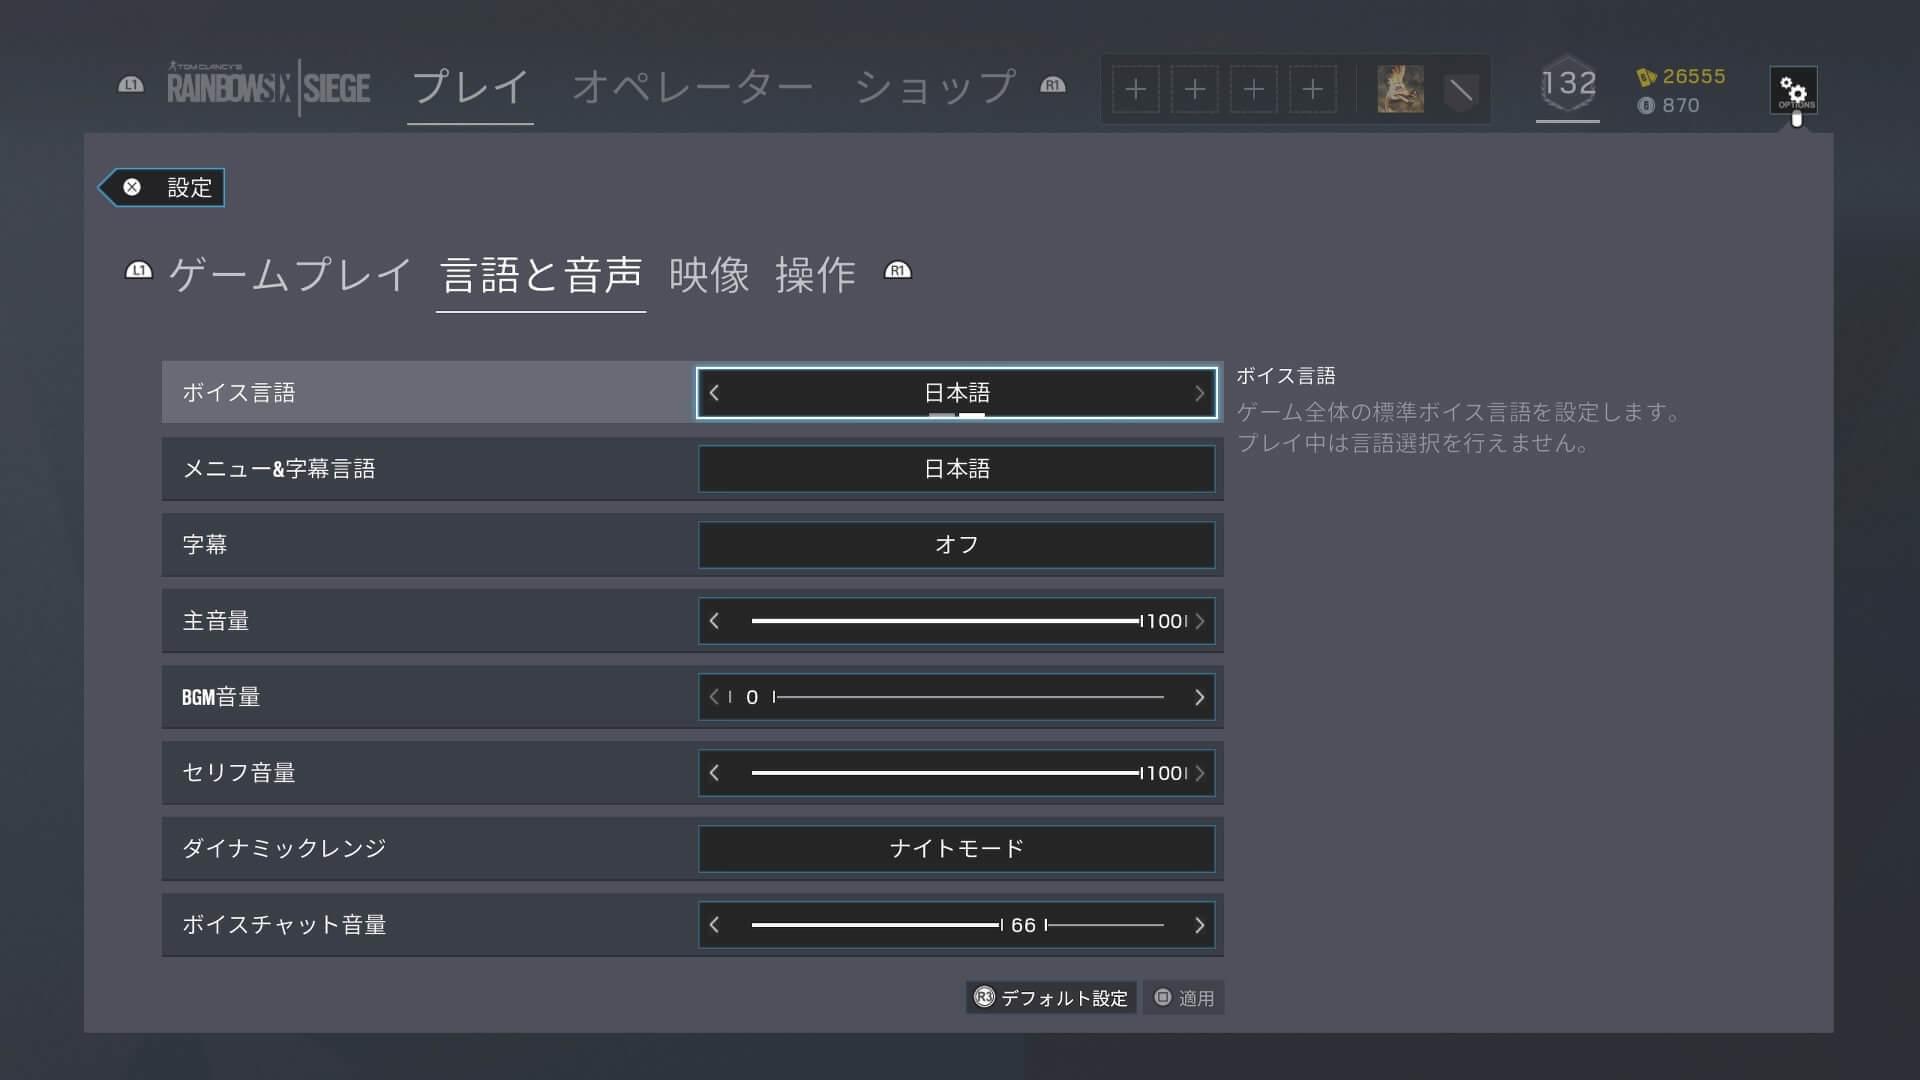 r6sの言語と音声設定